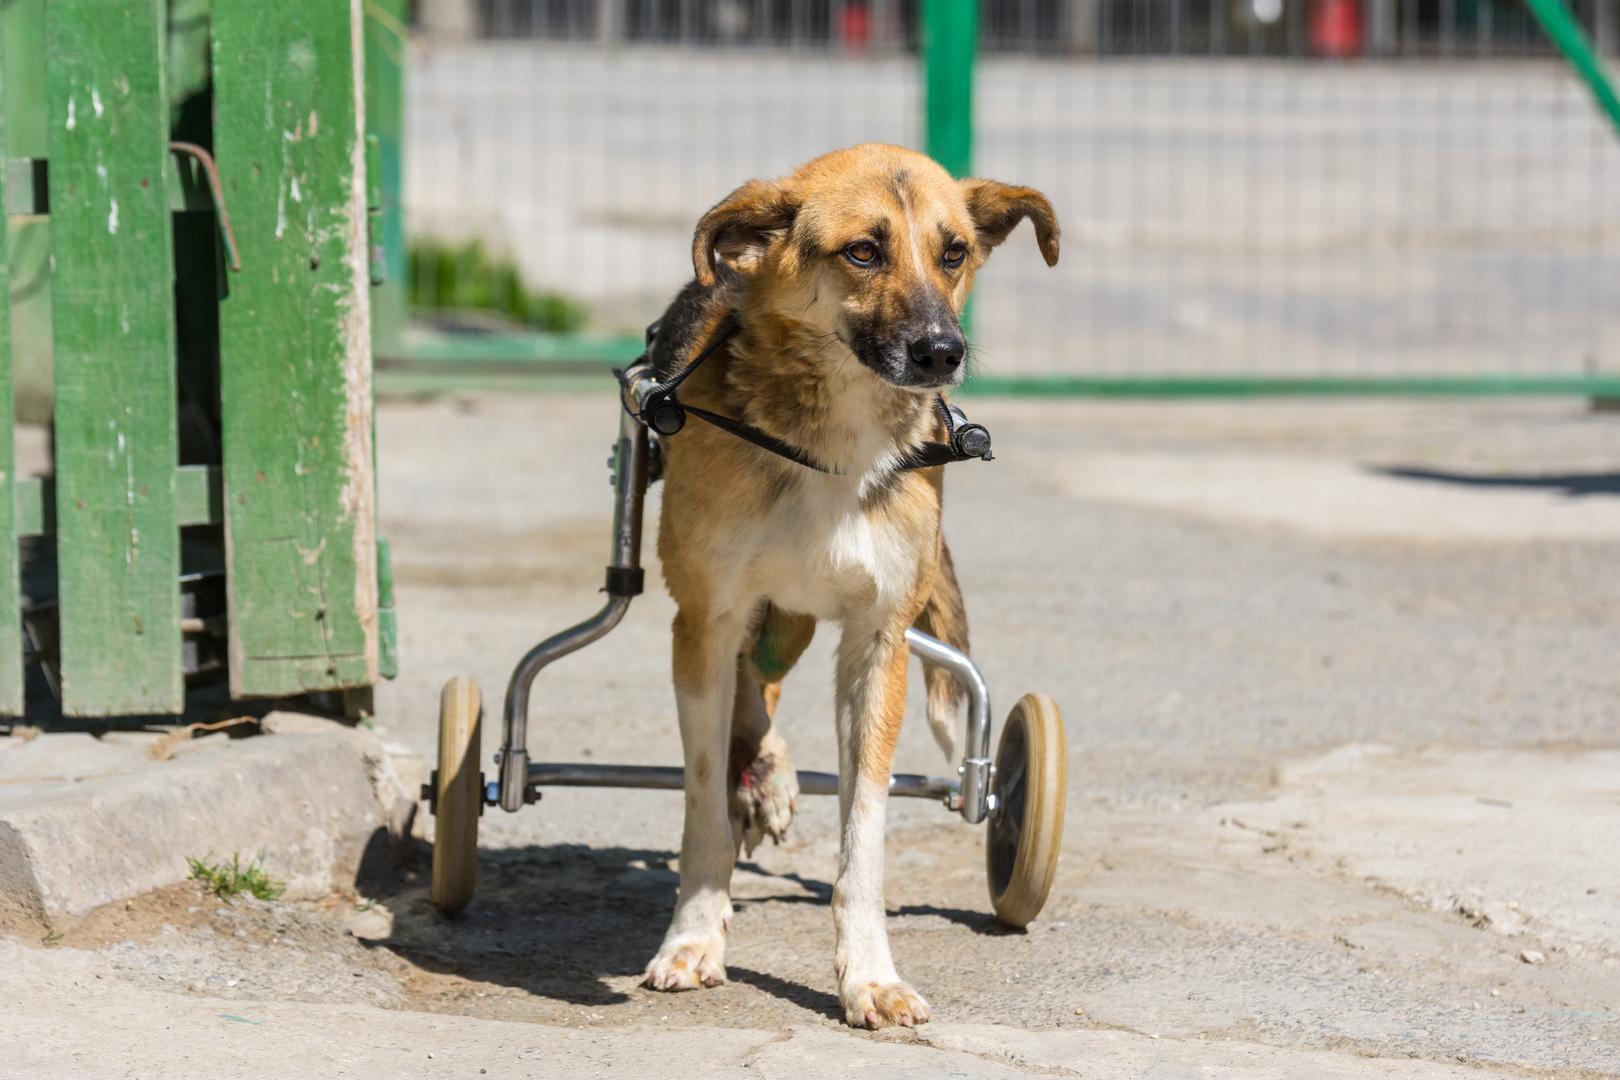 Bucur mit seinem speziellen Rollstuhl